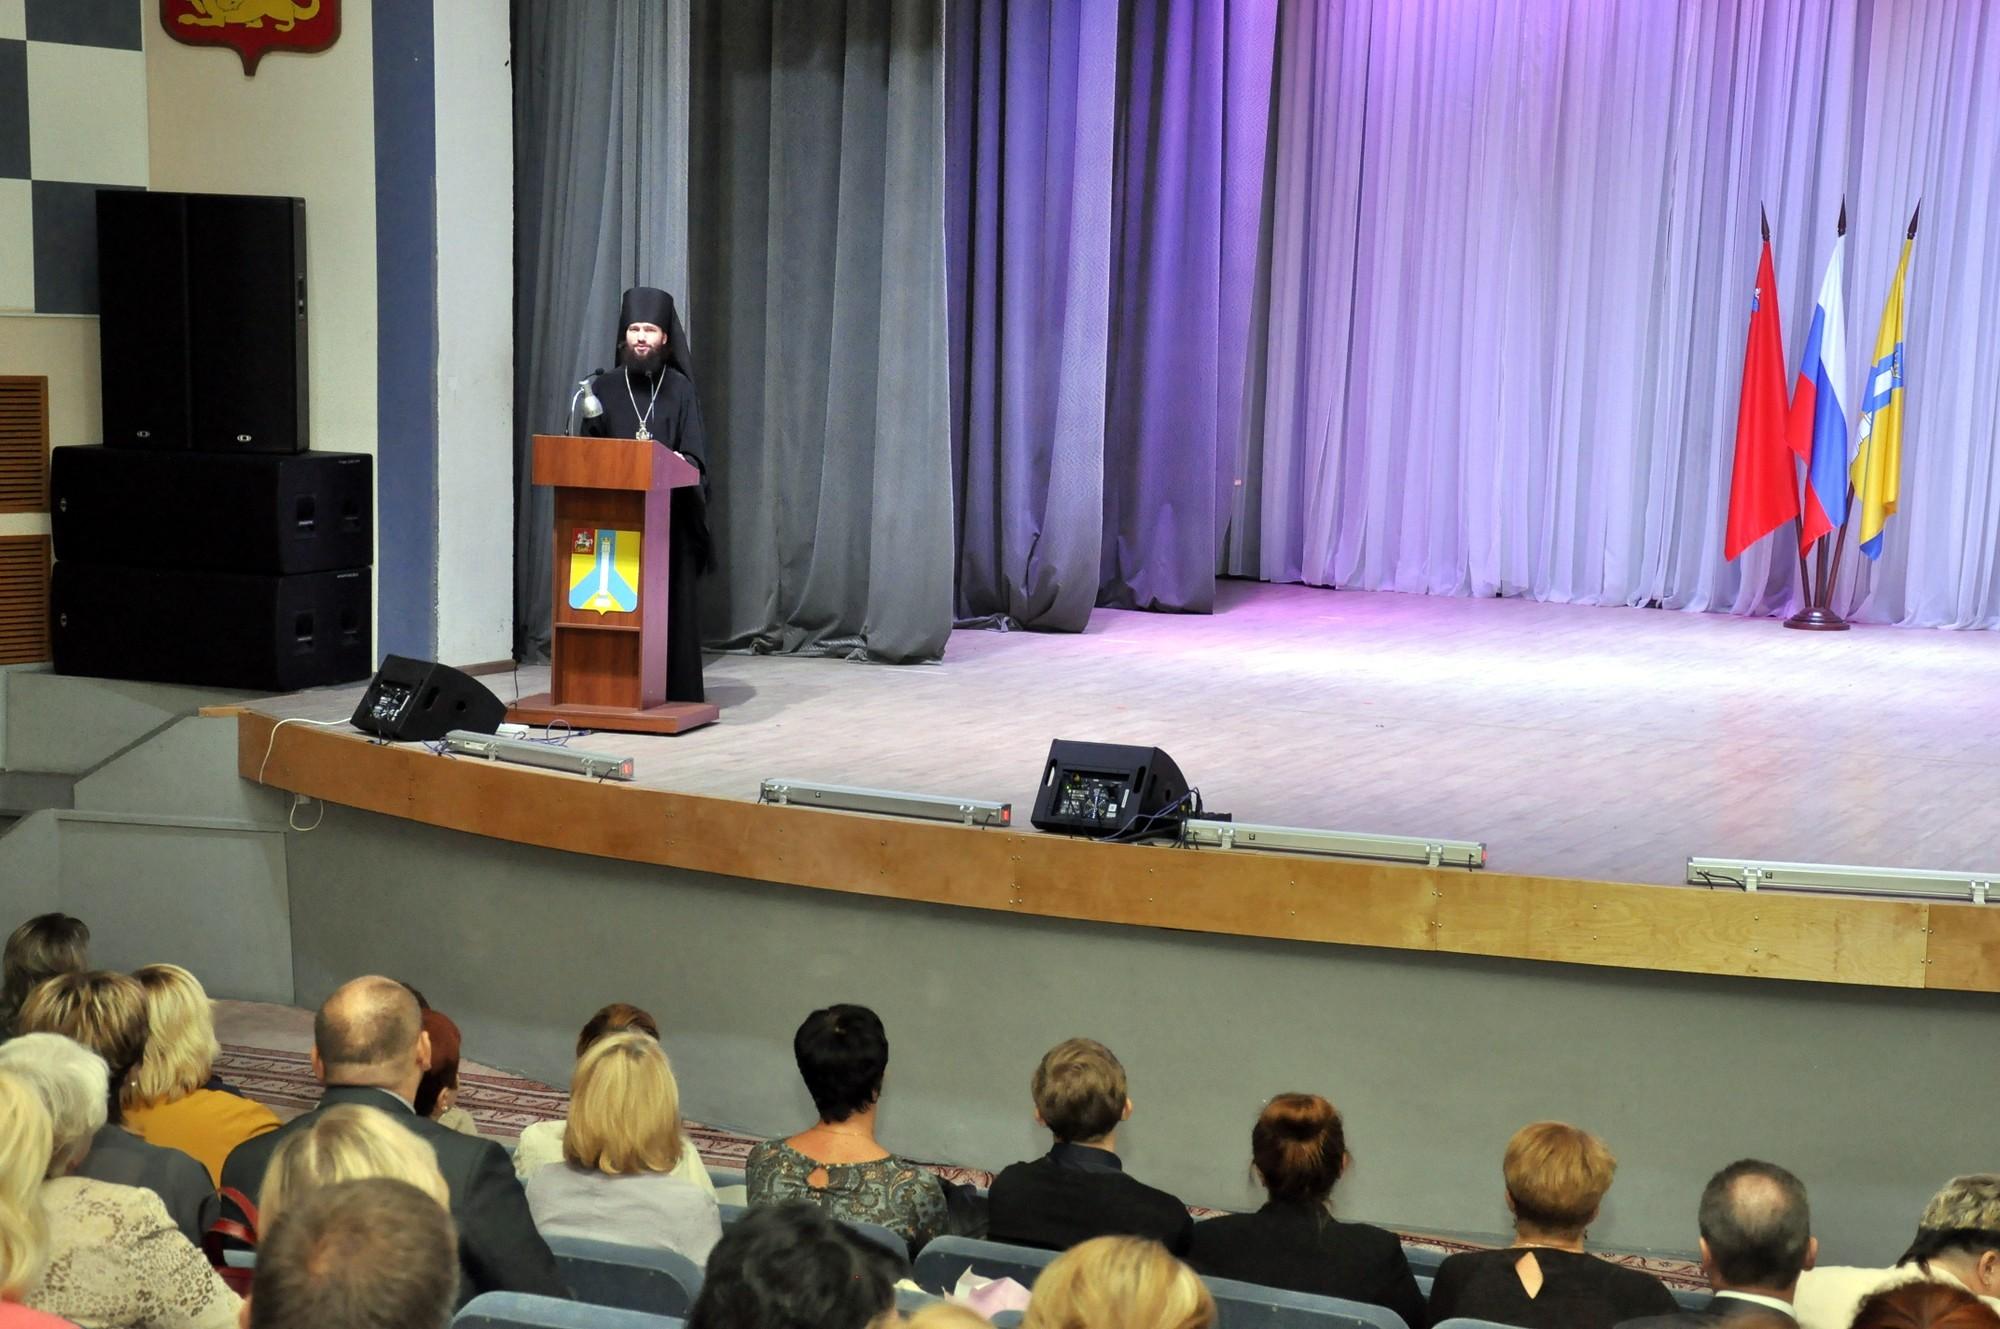 Педагогическая конференция в доме культуры «Черкизово»